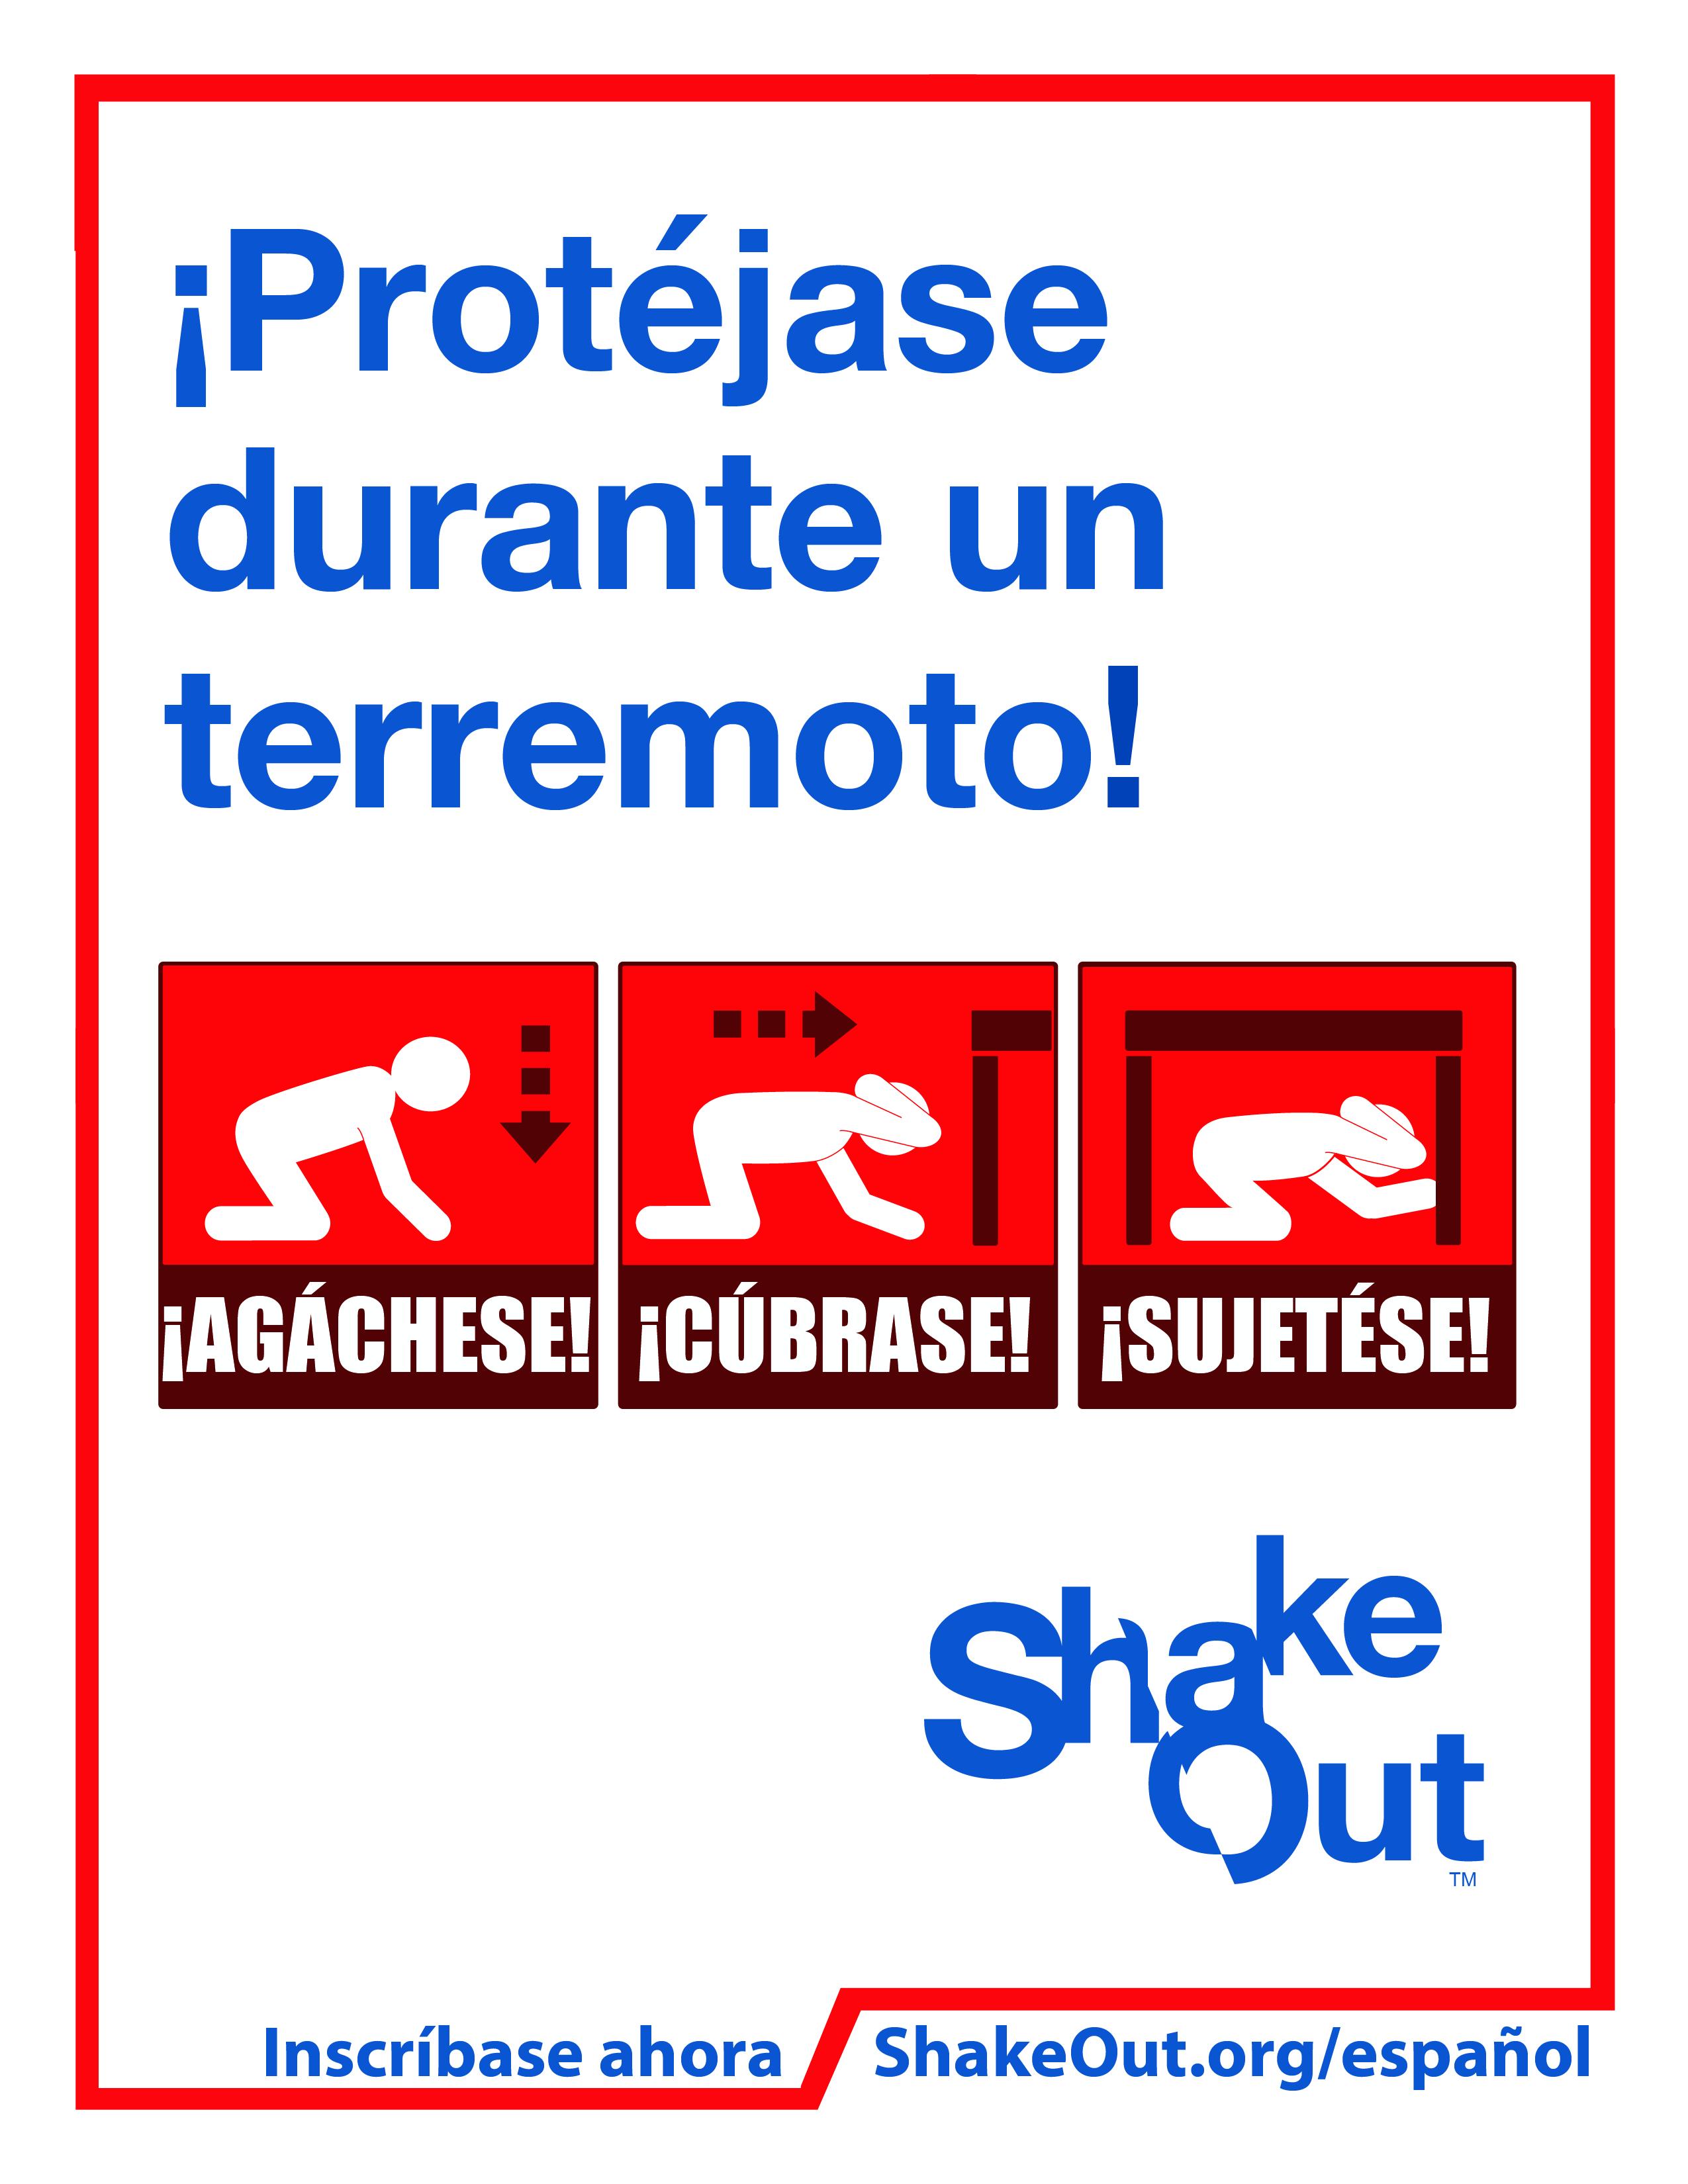 ACA Preparese Poster